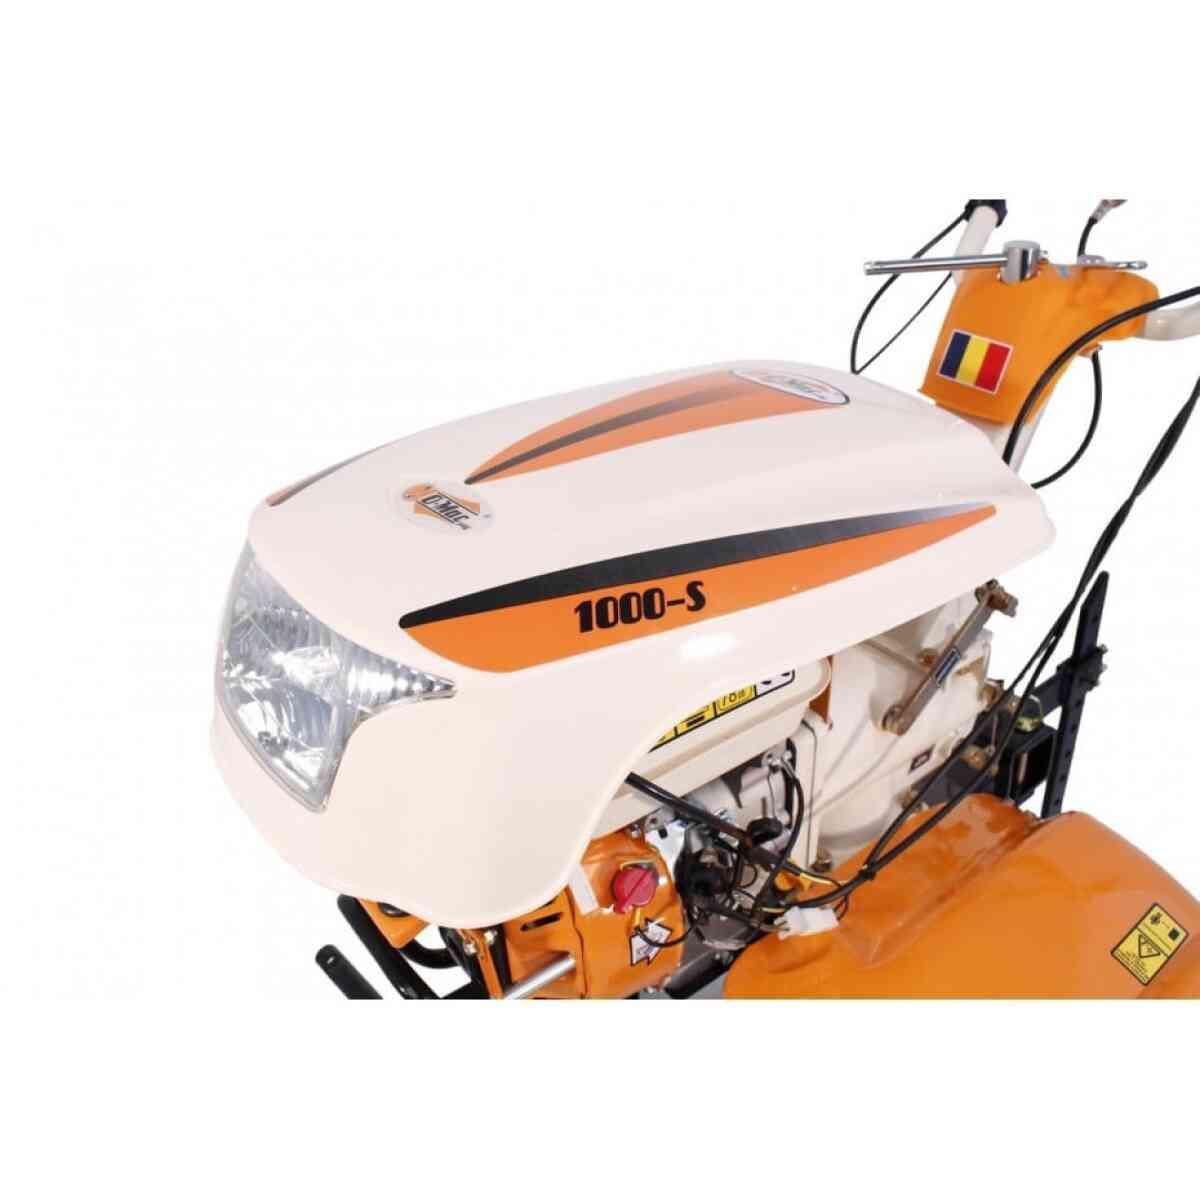 motocultor o mac new 1000 s 8cp cu roti o mac.ro 4 2 4